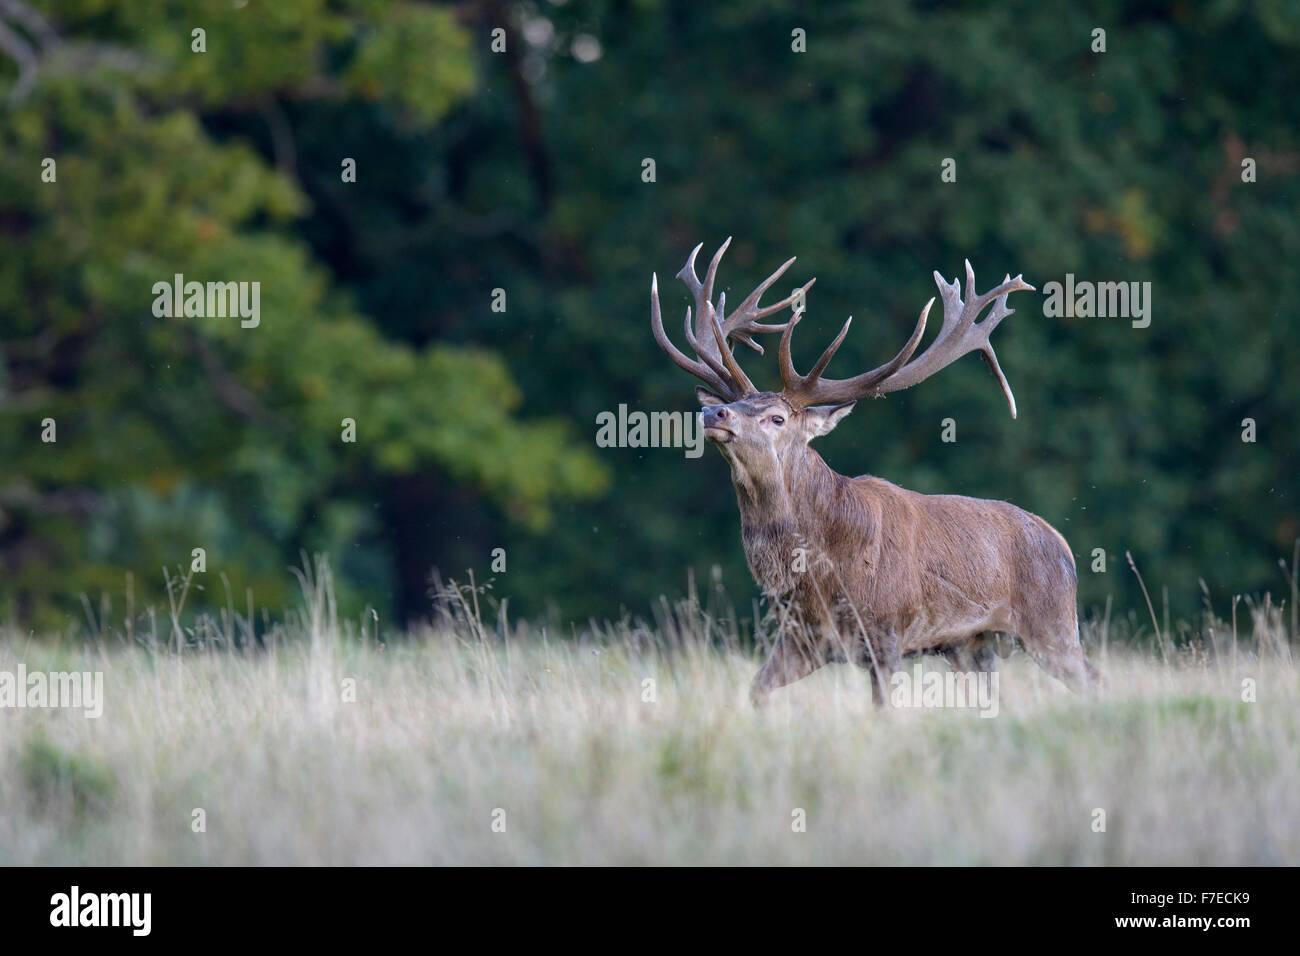 Red deer (Cervus elaphus), Royal Stag, display behaviour, Zealand, Denmark - Stock Image